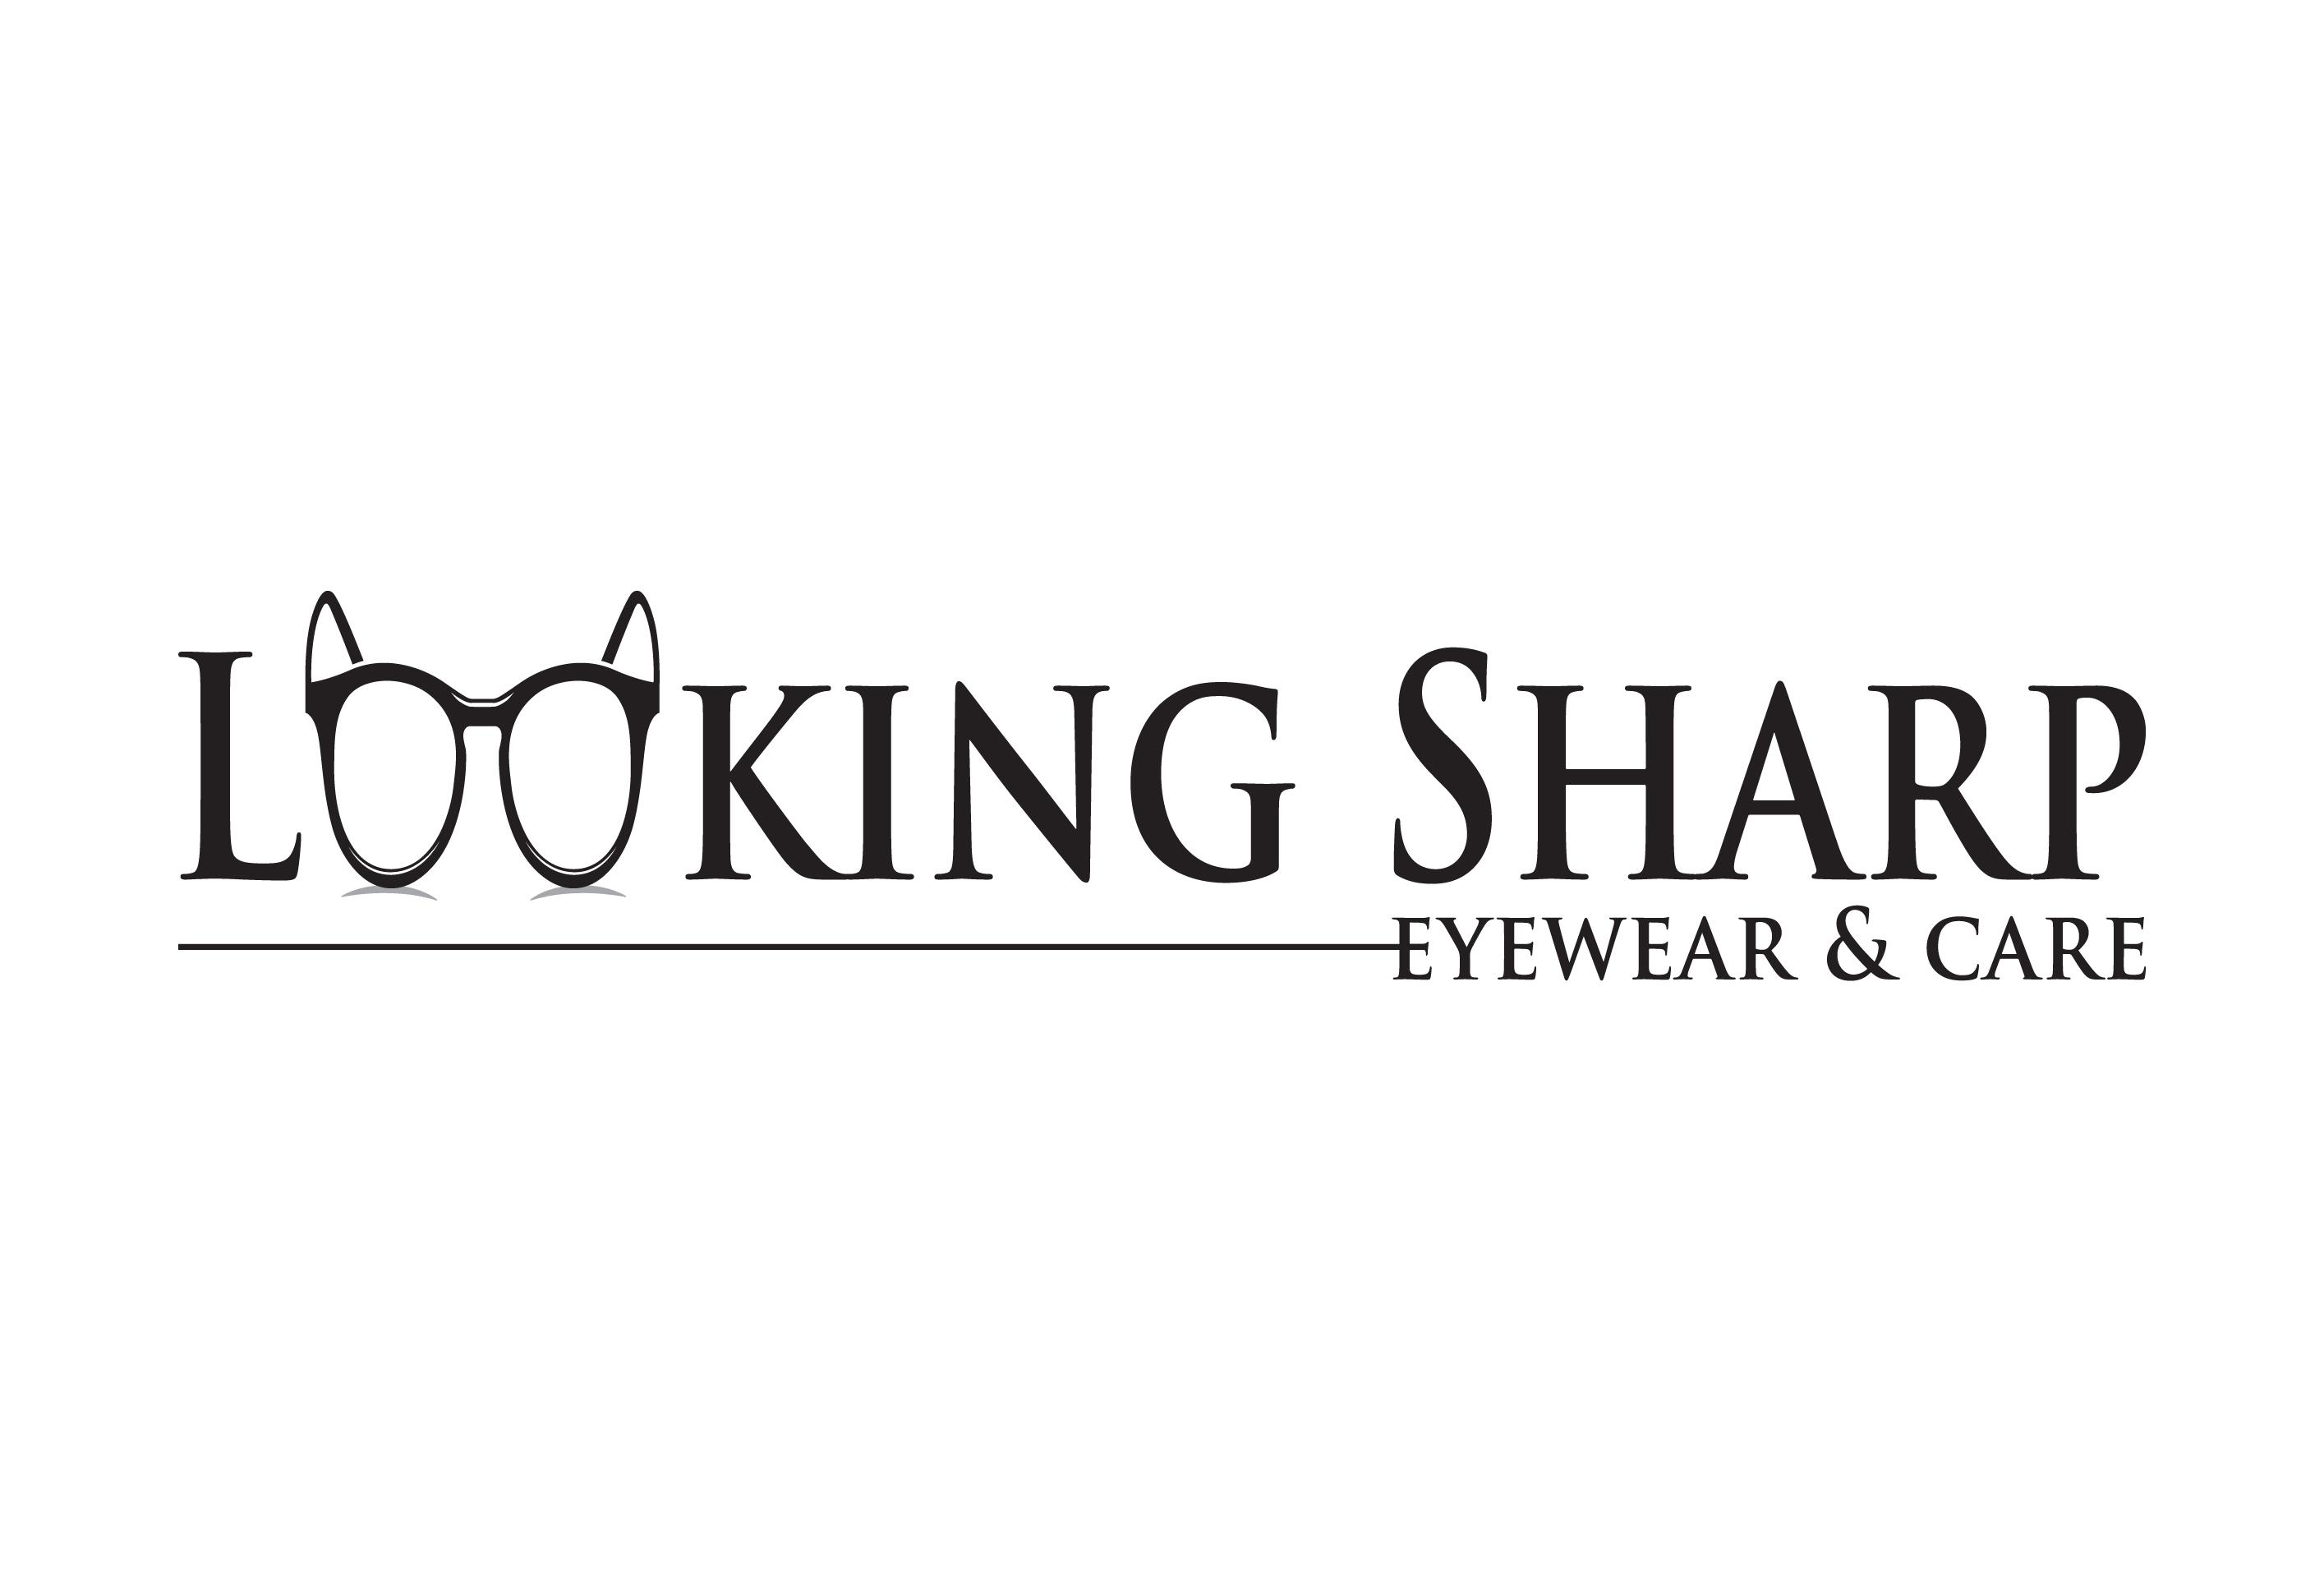 Looking Sharp Eyewear & Care image 0